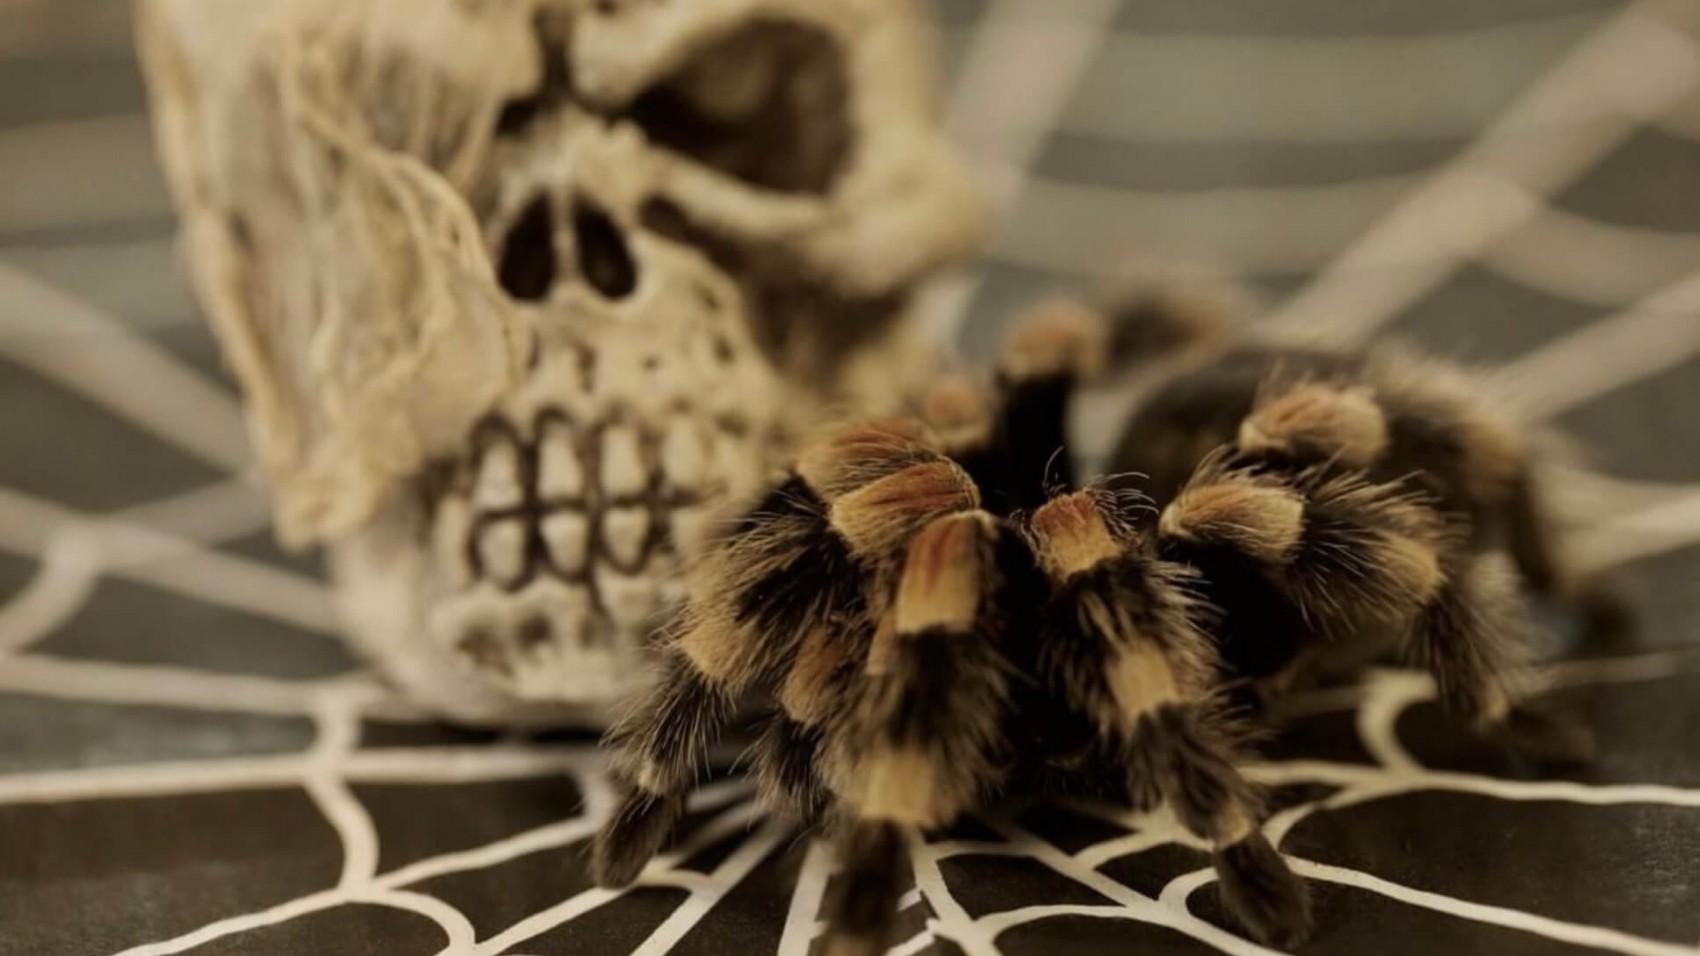 Halloween: Er kryb hyggeligt eller uhyggeligt?